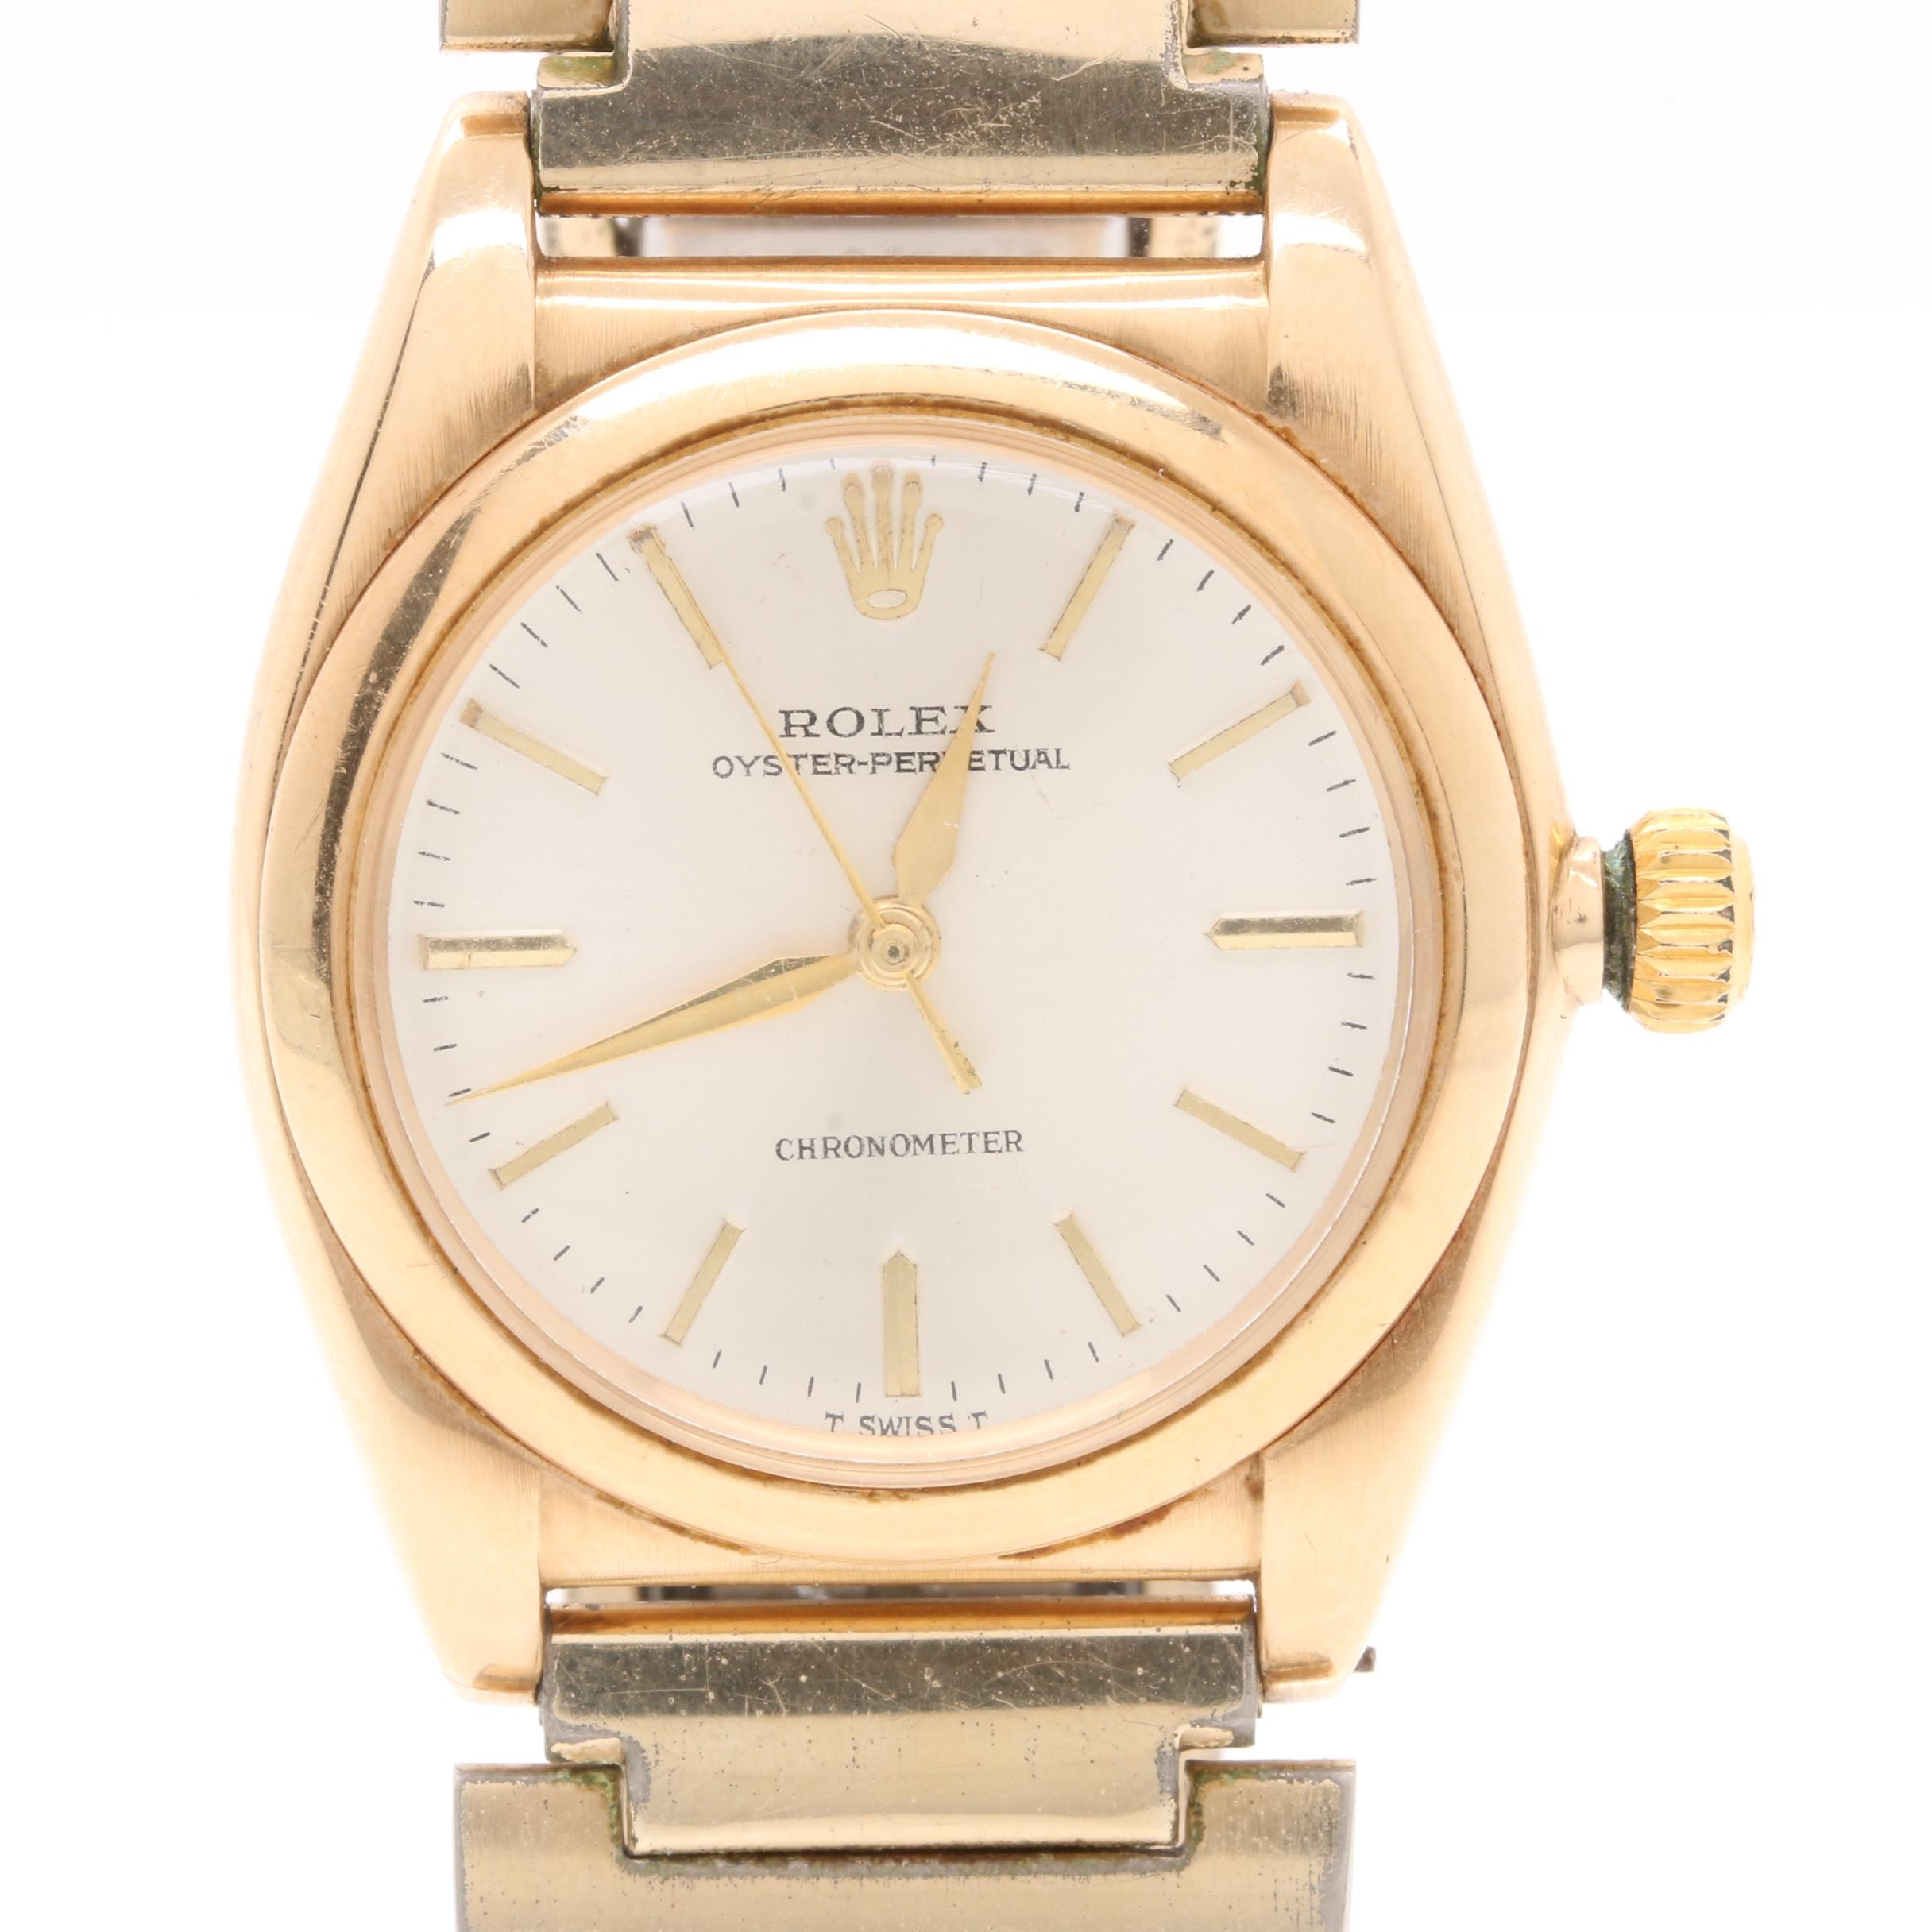 Rolex Oyster Chronometer 14K Yellow Gold Wristwatch with Speidel Bracelet